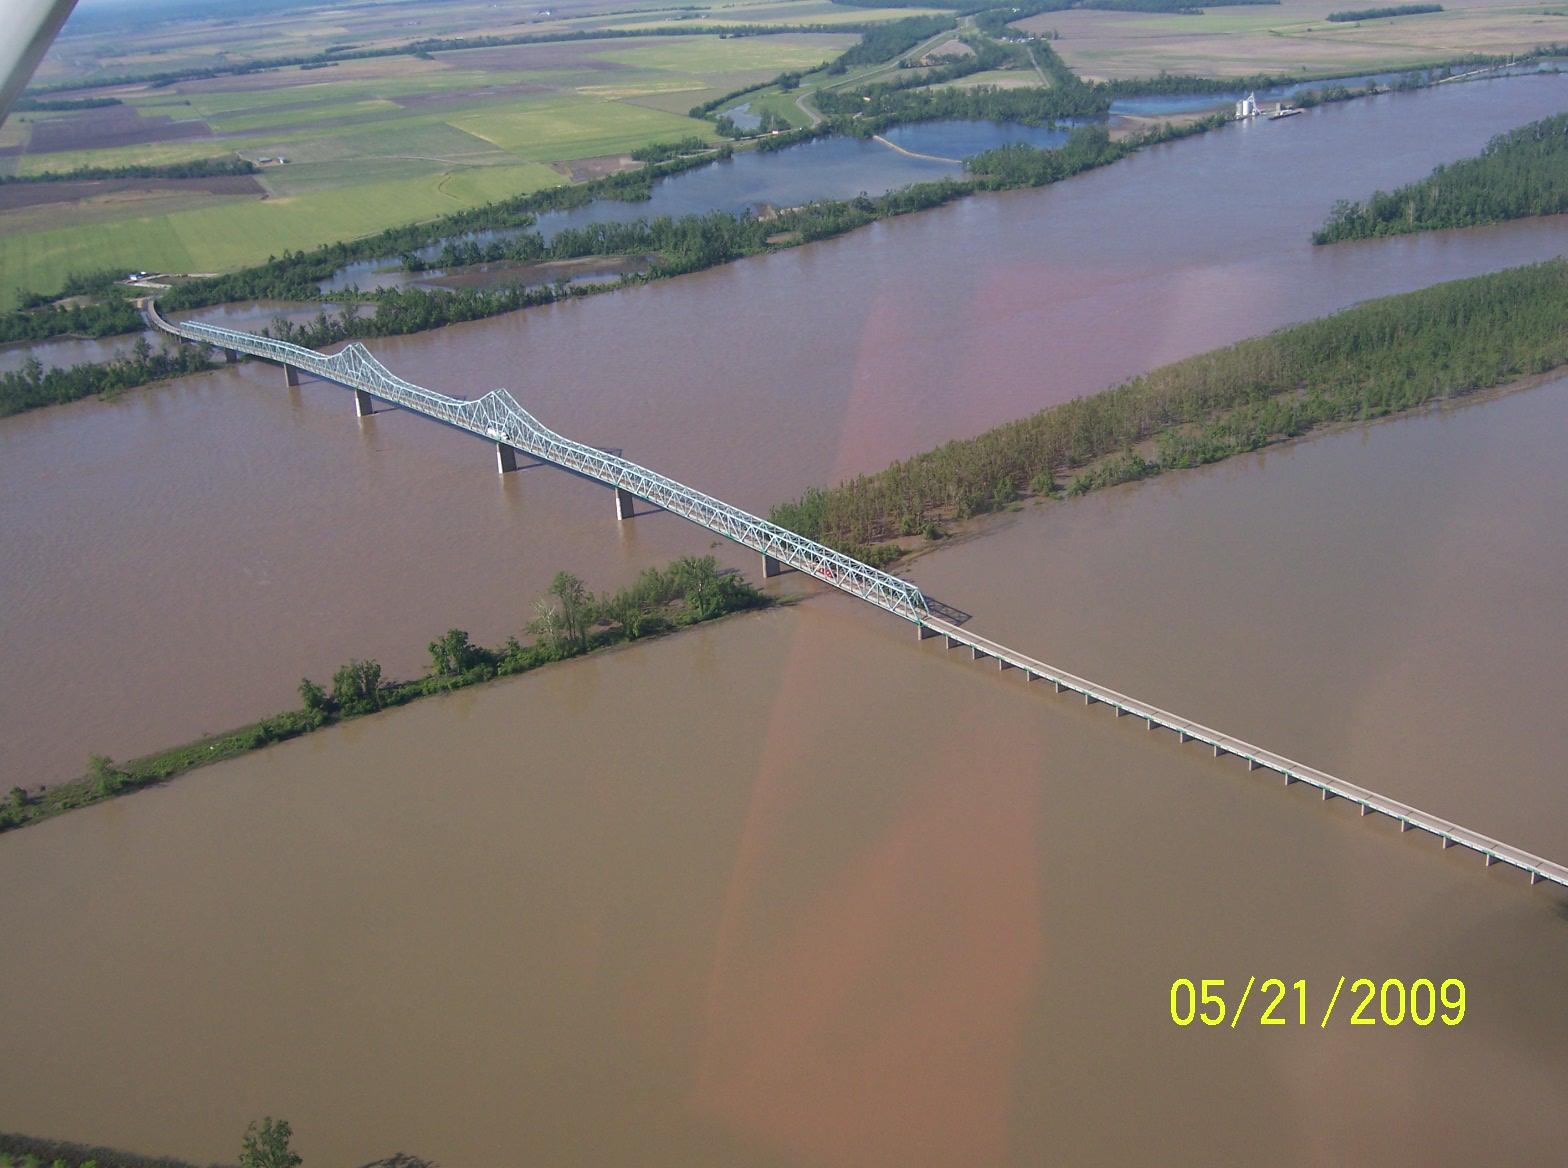 Miss River Bridge-IL to MO